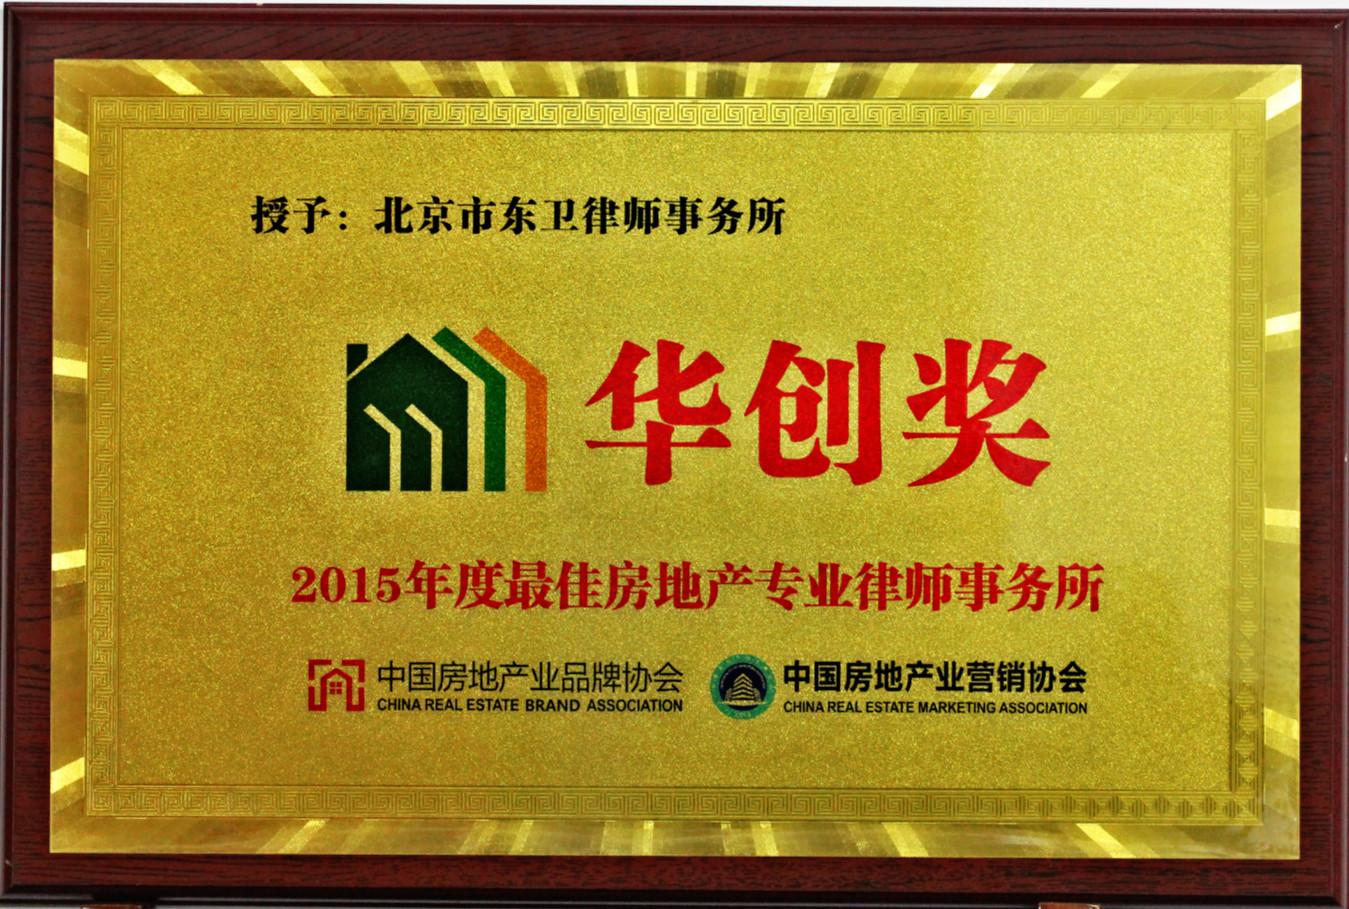 2015年度最佳房地产专业律师事务所